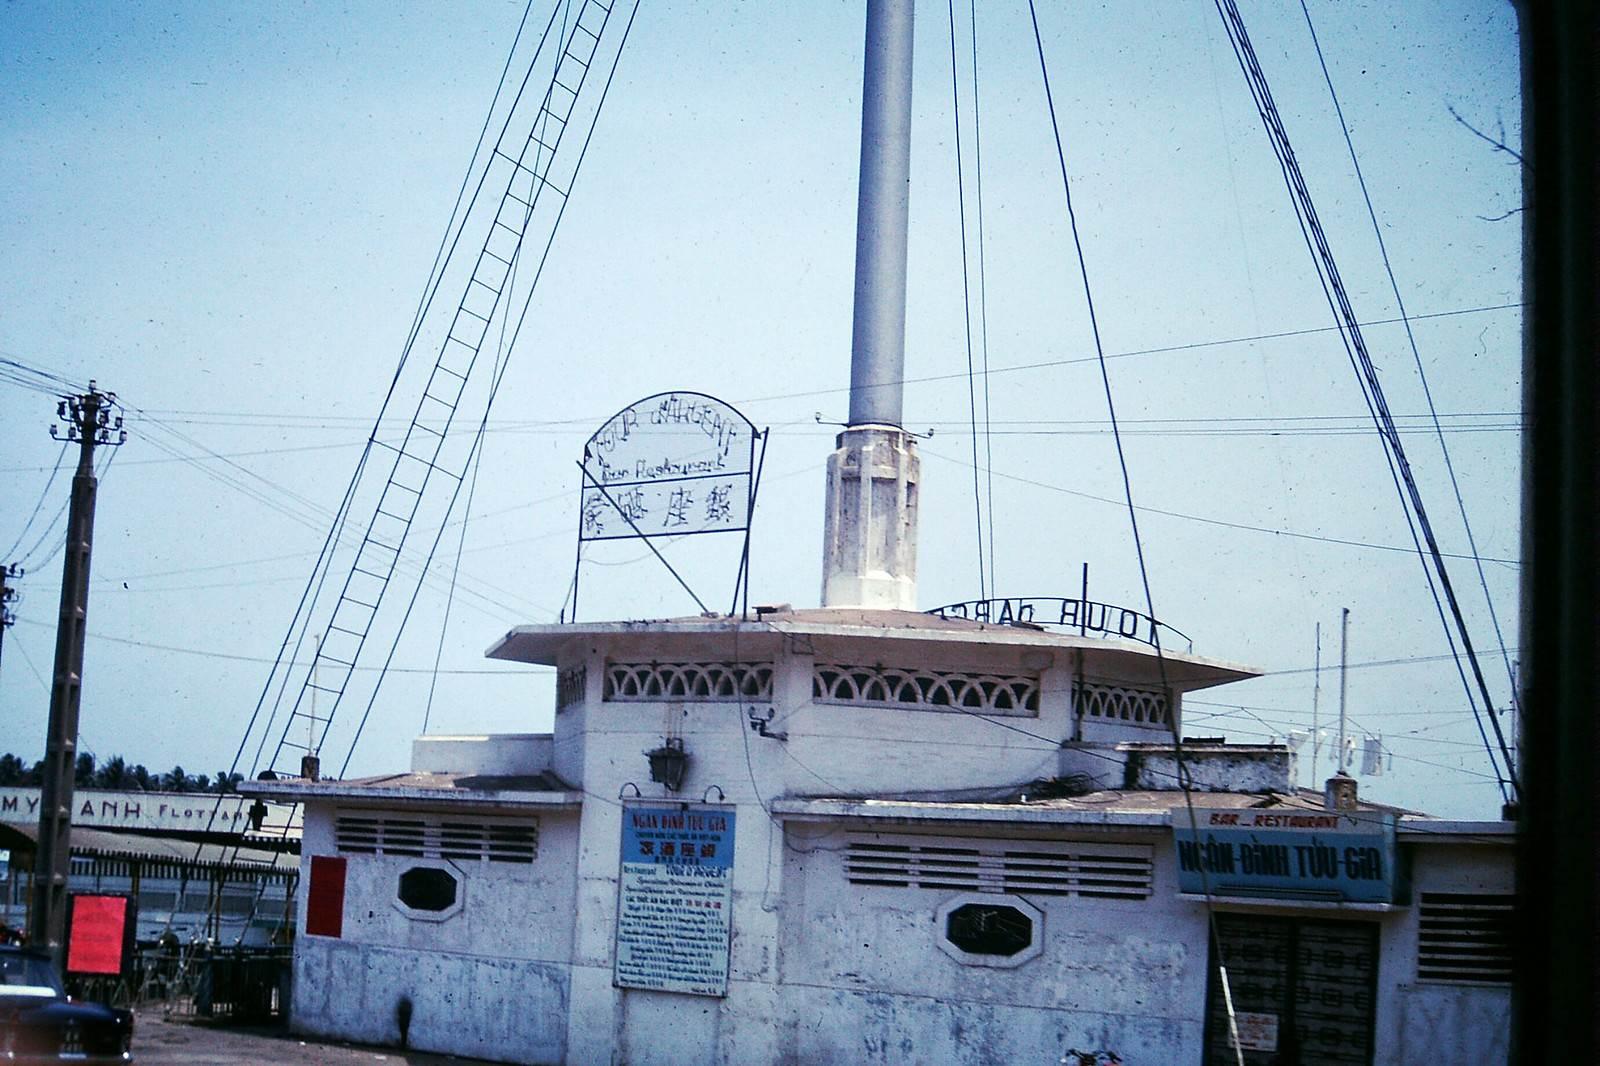 SAIGON 1968 - Cột cờ Thủ Ngữ - NGÂN ĐÌNH TỬU GIA Bar & Restaurant